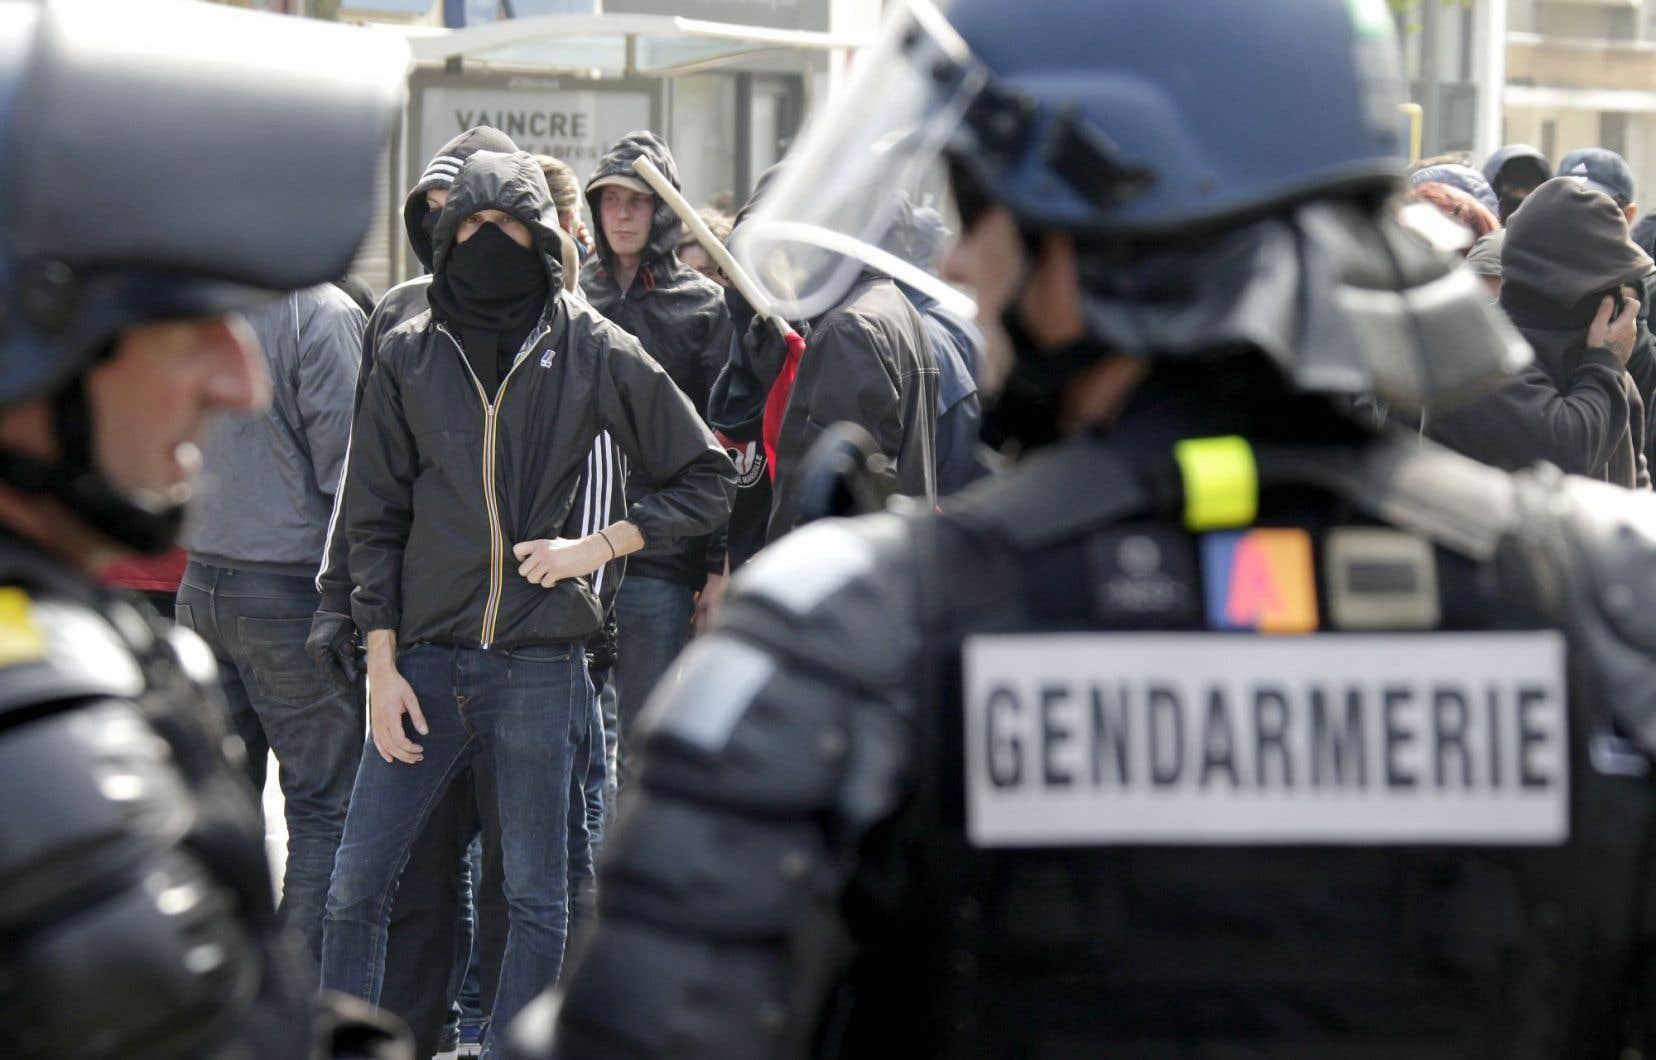 Des militants antifascistes ont manifesté à Calais, au Nord, dimanche, en riposte à un rassemblement de 300 partisans de l'extrême droite venus dénoncer la présence d'immigrants dans la ville.